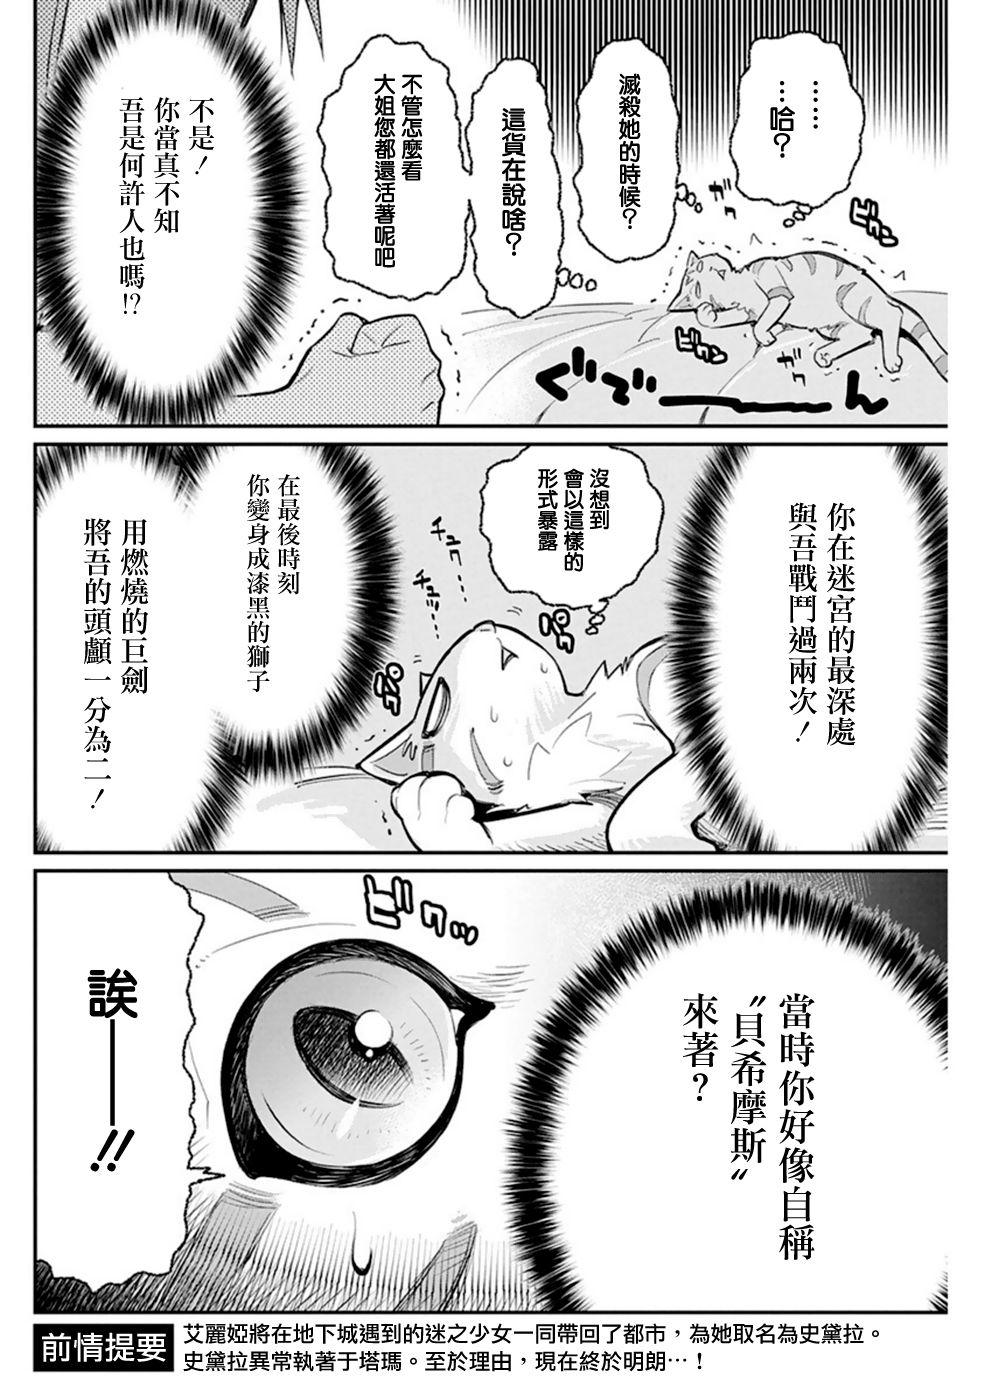 重生的貓騎士與精靈娘的日常: 22話 - 第4页